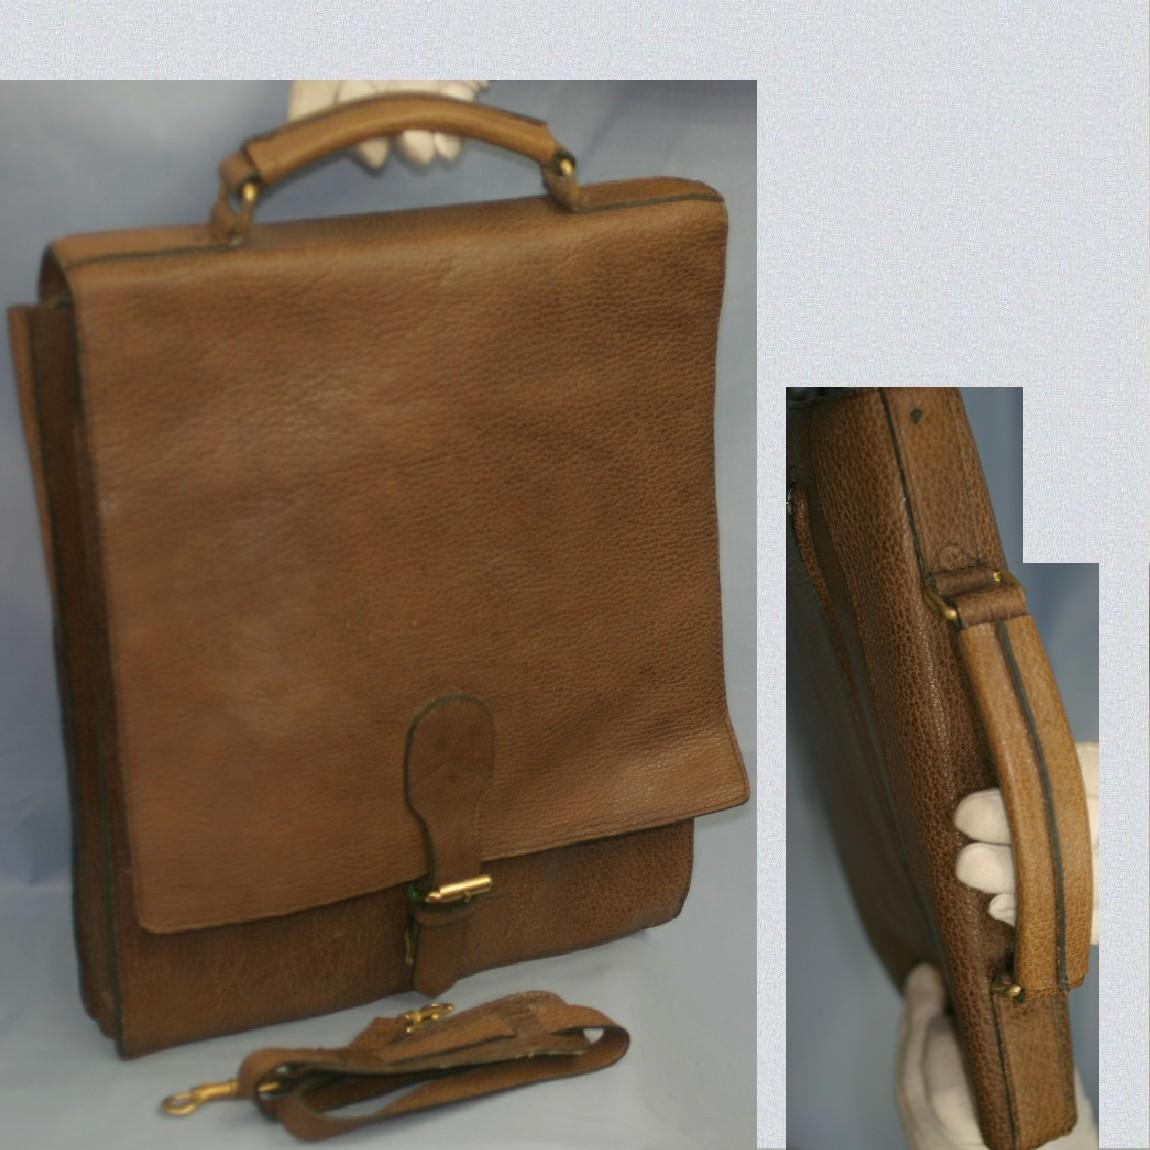 【中古】本物紳士用丈夫な厚い革素材縦長書類鞄ブリーフケース取り外し可能ショルダーストラップ付きタイ製